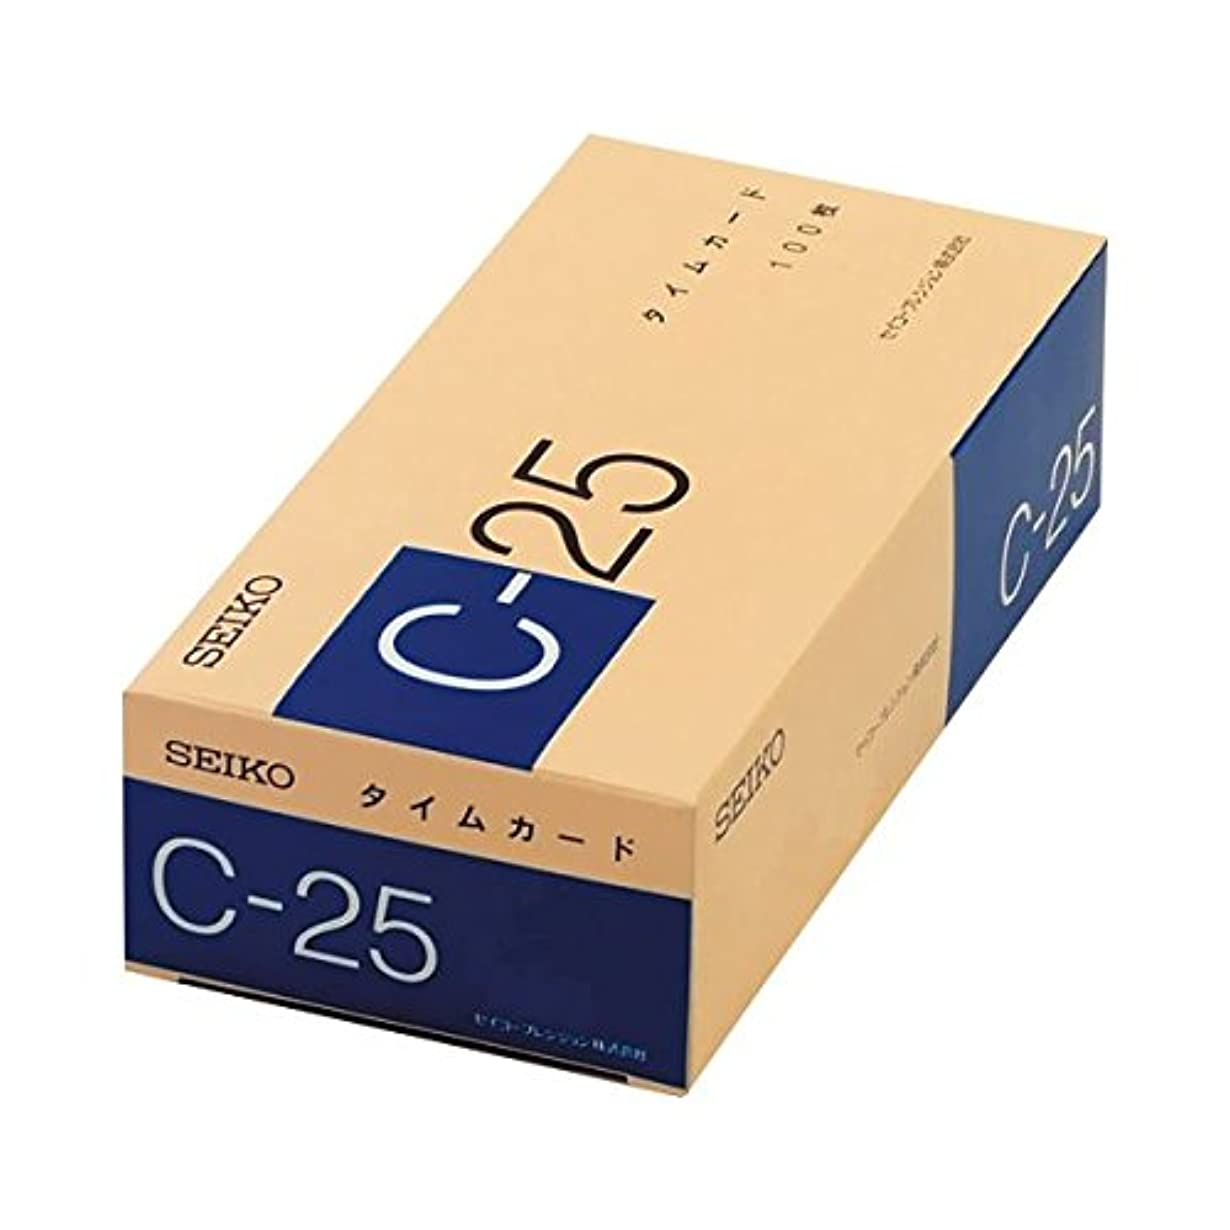 リッチ予定費やす(まとめ) セイコープレシジョン セイコー用タイムカード 25日締 日付印字あり C-25カ-ド 1パック(100枚) 【×3セット】 ds-1570256